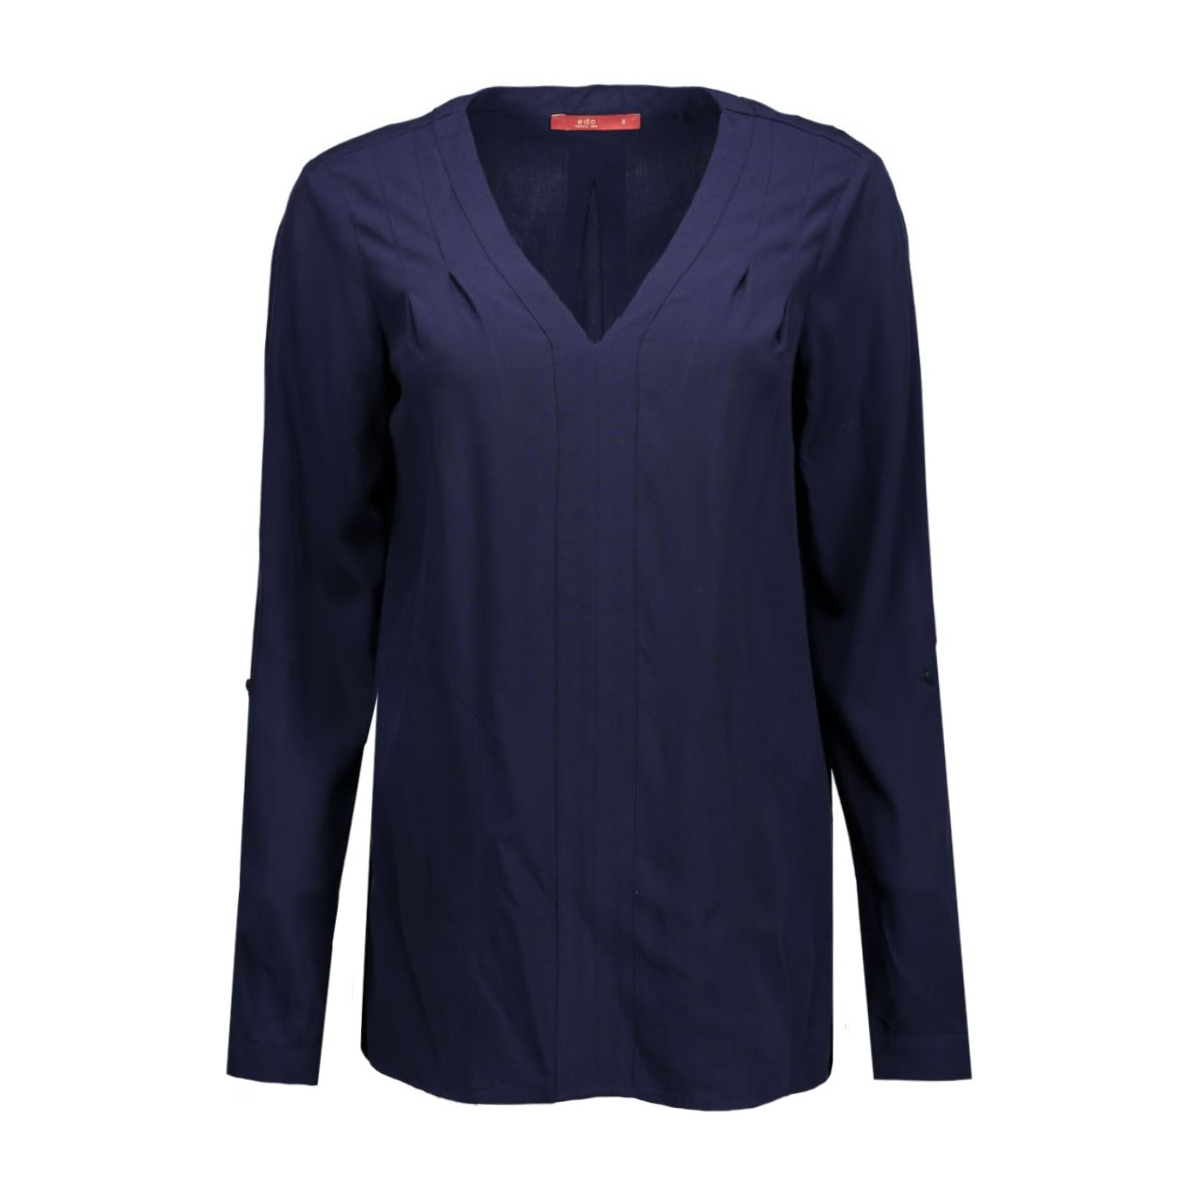 995cc1f902 edc blouse c400